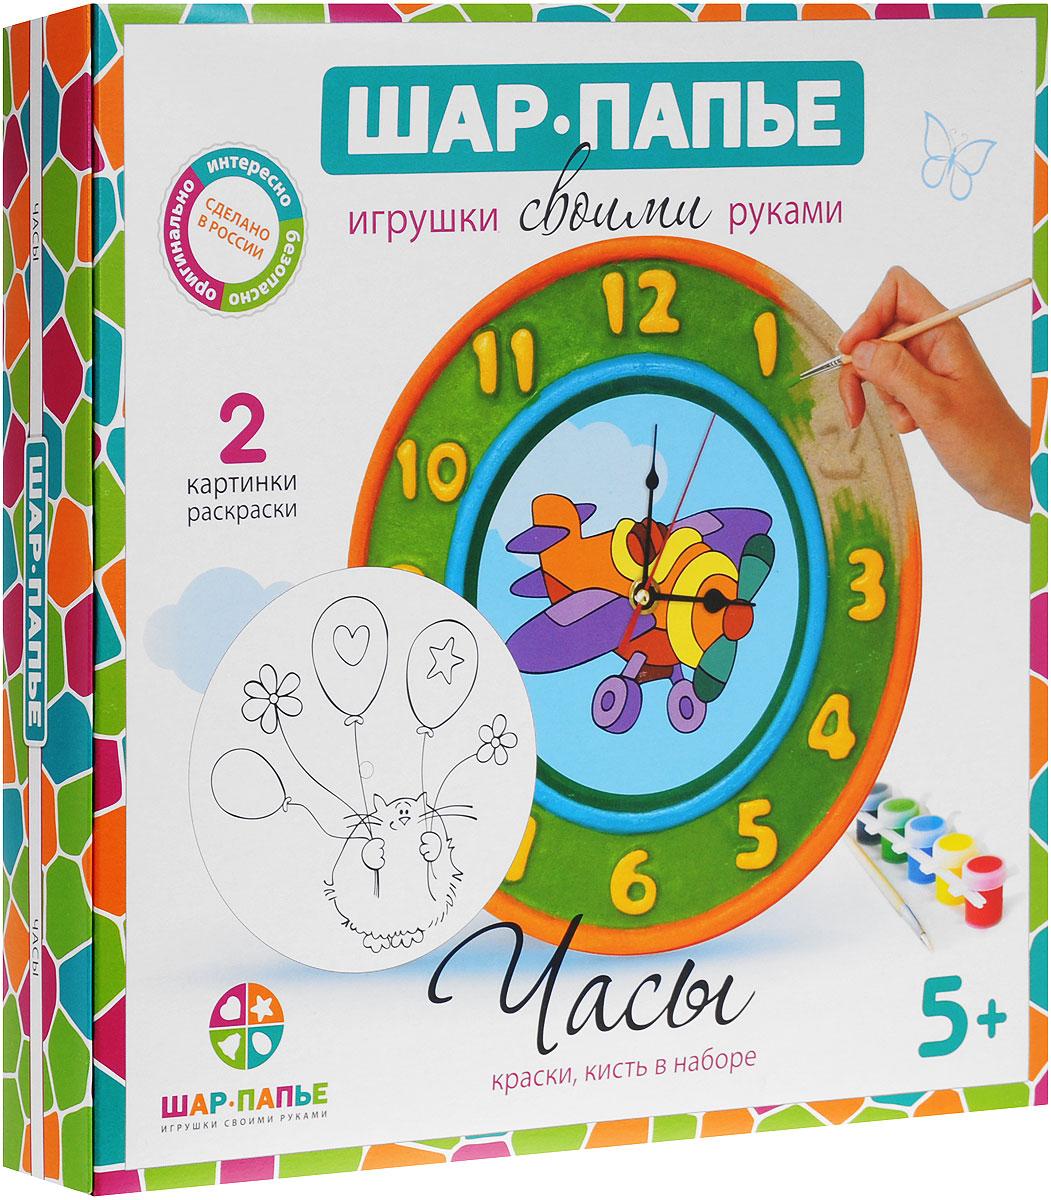 Шар-папье Набор для изготовления игрушки ЧасыВ02643Набор для изготовления игрушки Шар-папье Часы позволит вам и вашему ребенку своими руками сделать настоящие часы со стрелками, работающие от батарейки. Набор включает в себя все необходимые элементы: заготовку из прессованной бумажной массы, 2 вставки-раскраски, акриловые краски 6 цветов, кисточку, часовой механизм со стрелками и подробную иллюстрированную инструкцию на русском языке. Папье-маше - это легко поддающаяся обработке бумажная или картонная масса. Наклеивая полоски папье-маше на заранее подготовленную модель и высушивая изделие, можно получить легкий и удобный для росписи предмет. С давних времен технику папье-маше использовали для изготовления самых разнообразных шкатулок, масок, игрушек, подносов, рам, а также карет и предметов мебели. Для работы игрушки необходима 1 батарейка типа АА (не входит в комплект).